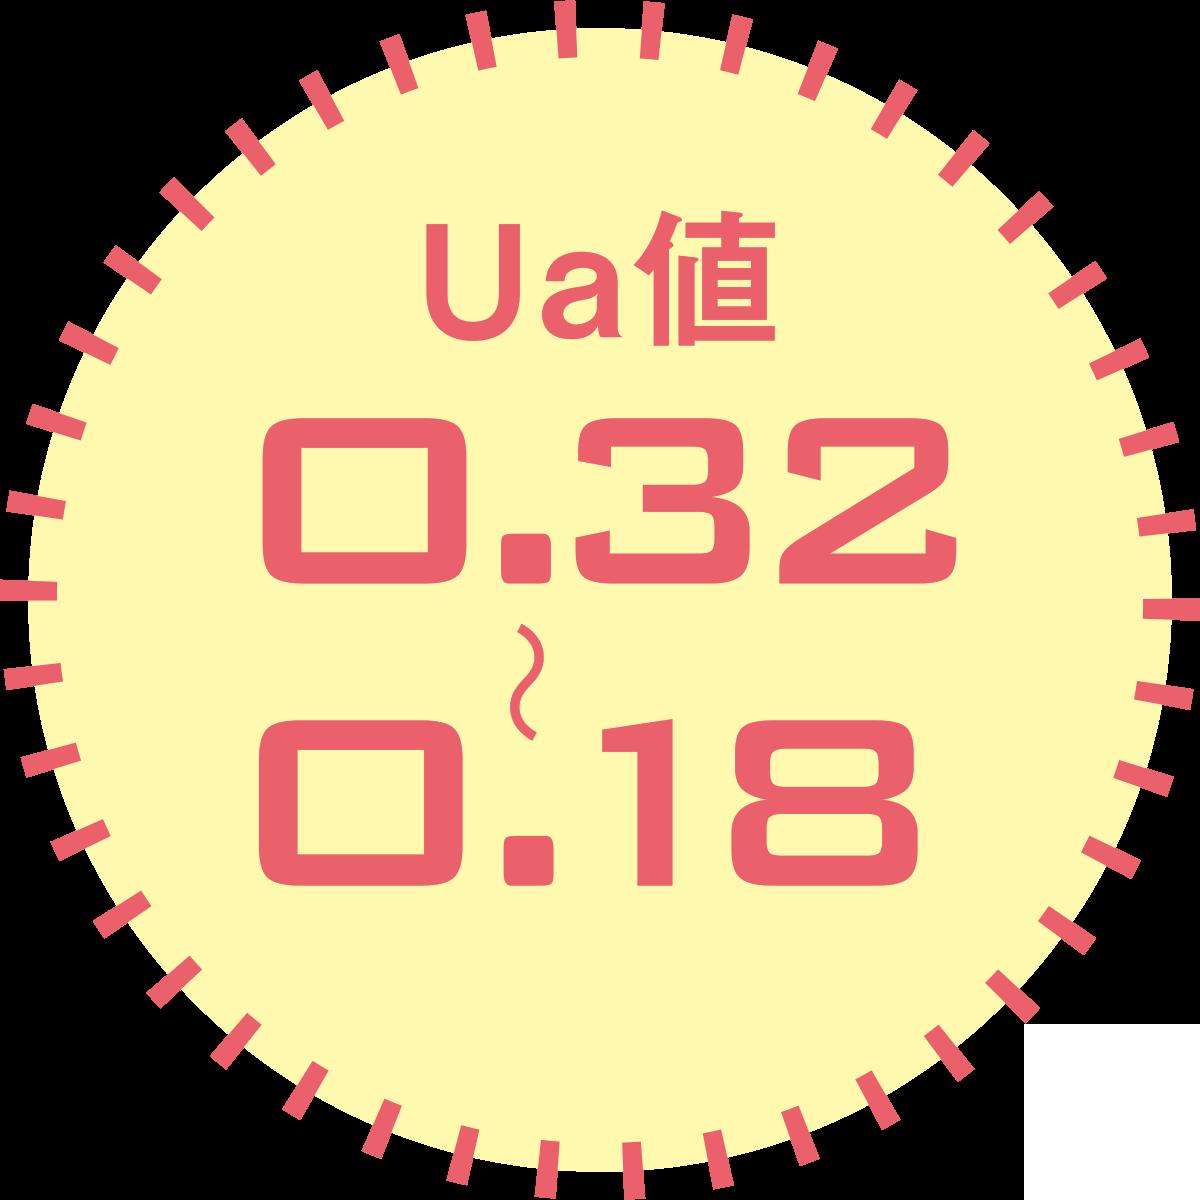 ua値 0.23~0.18